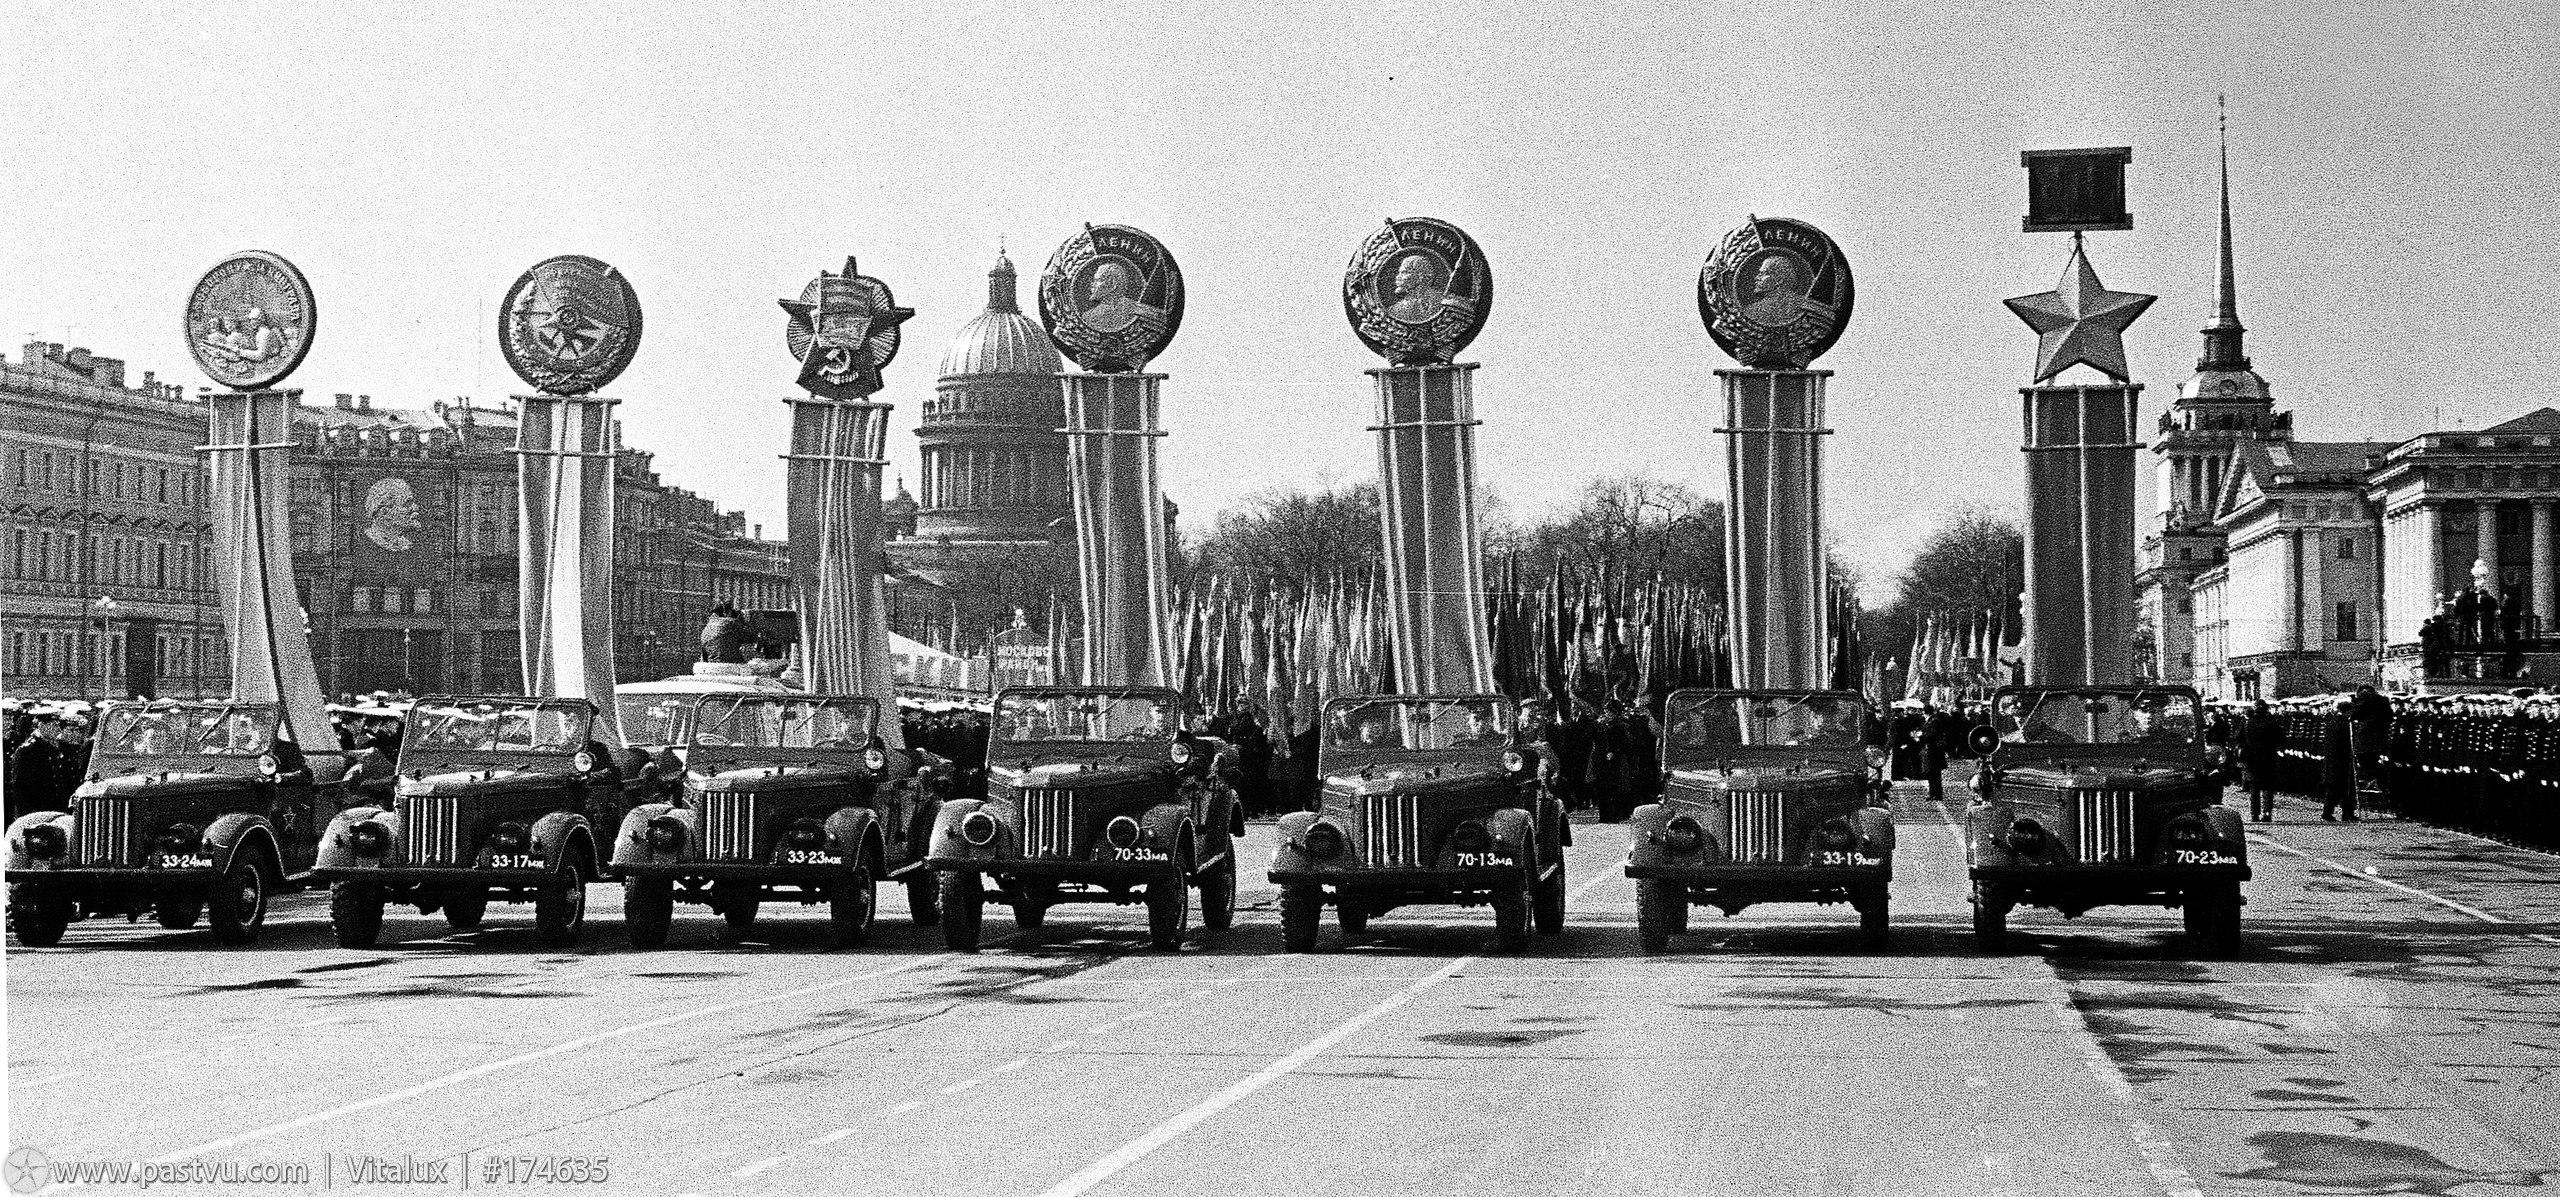 1970 Первомай. Награды города-героя Ленинграда.jpg